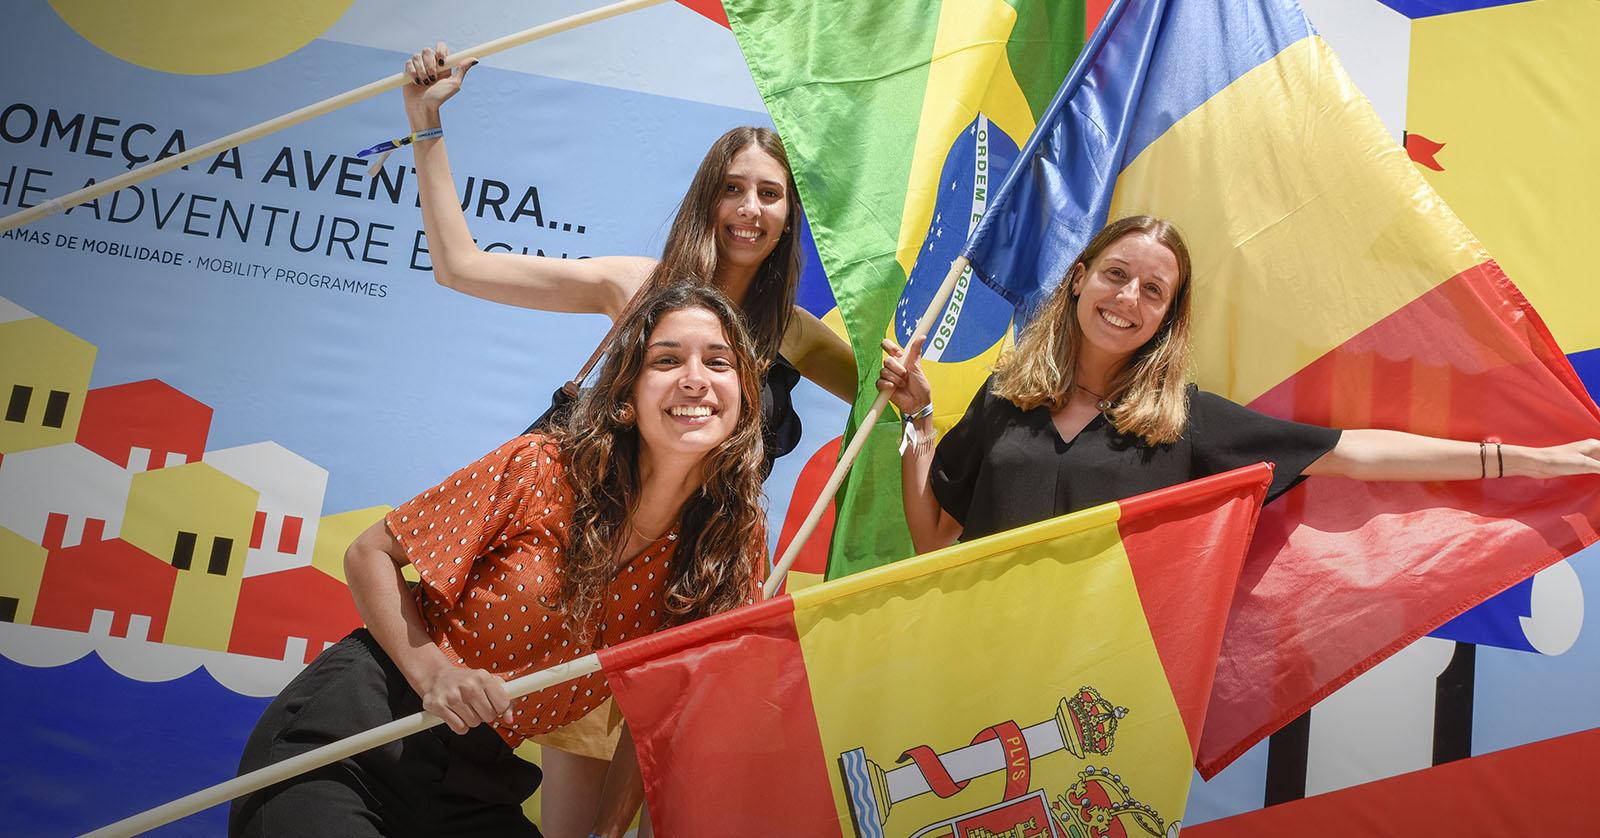 U.Porto atribui mais de 2,5 milhões de euros em bolsas de mobilidade